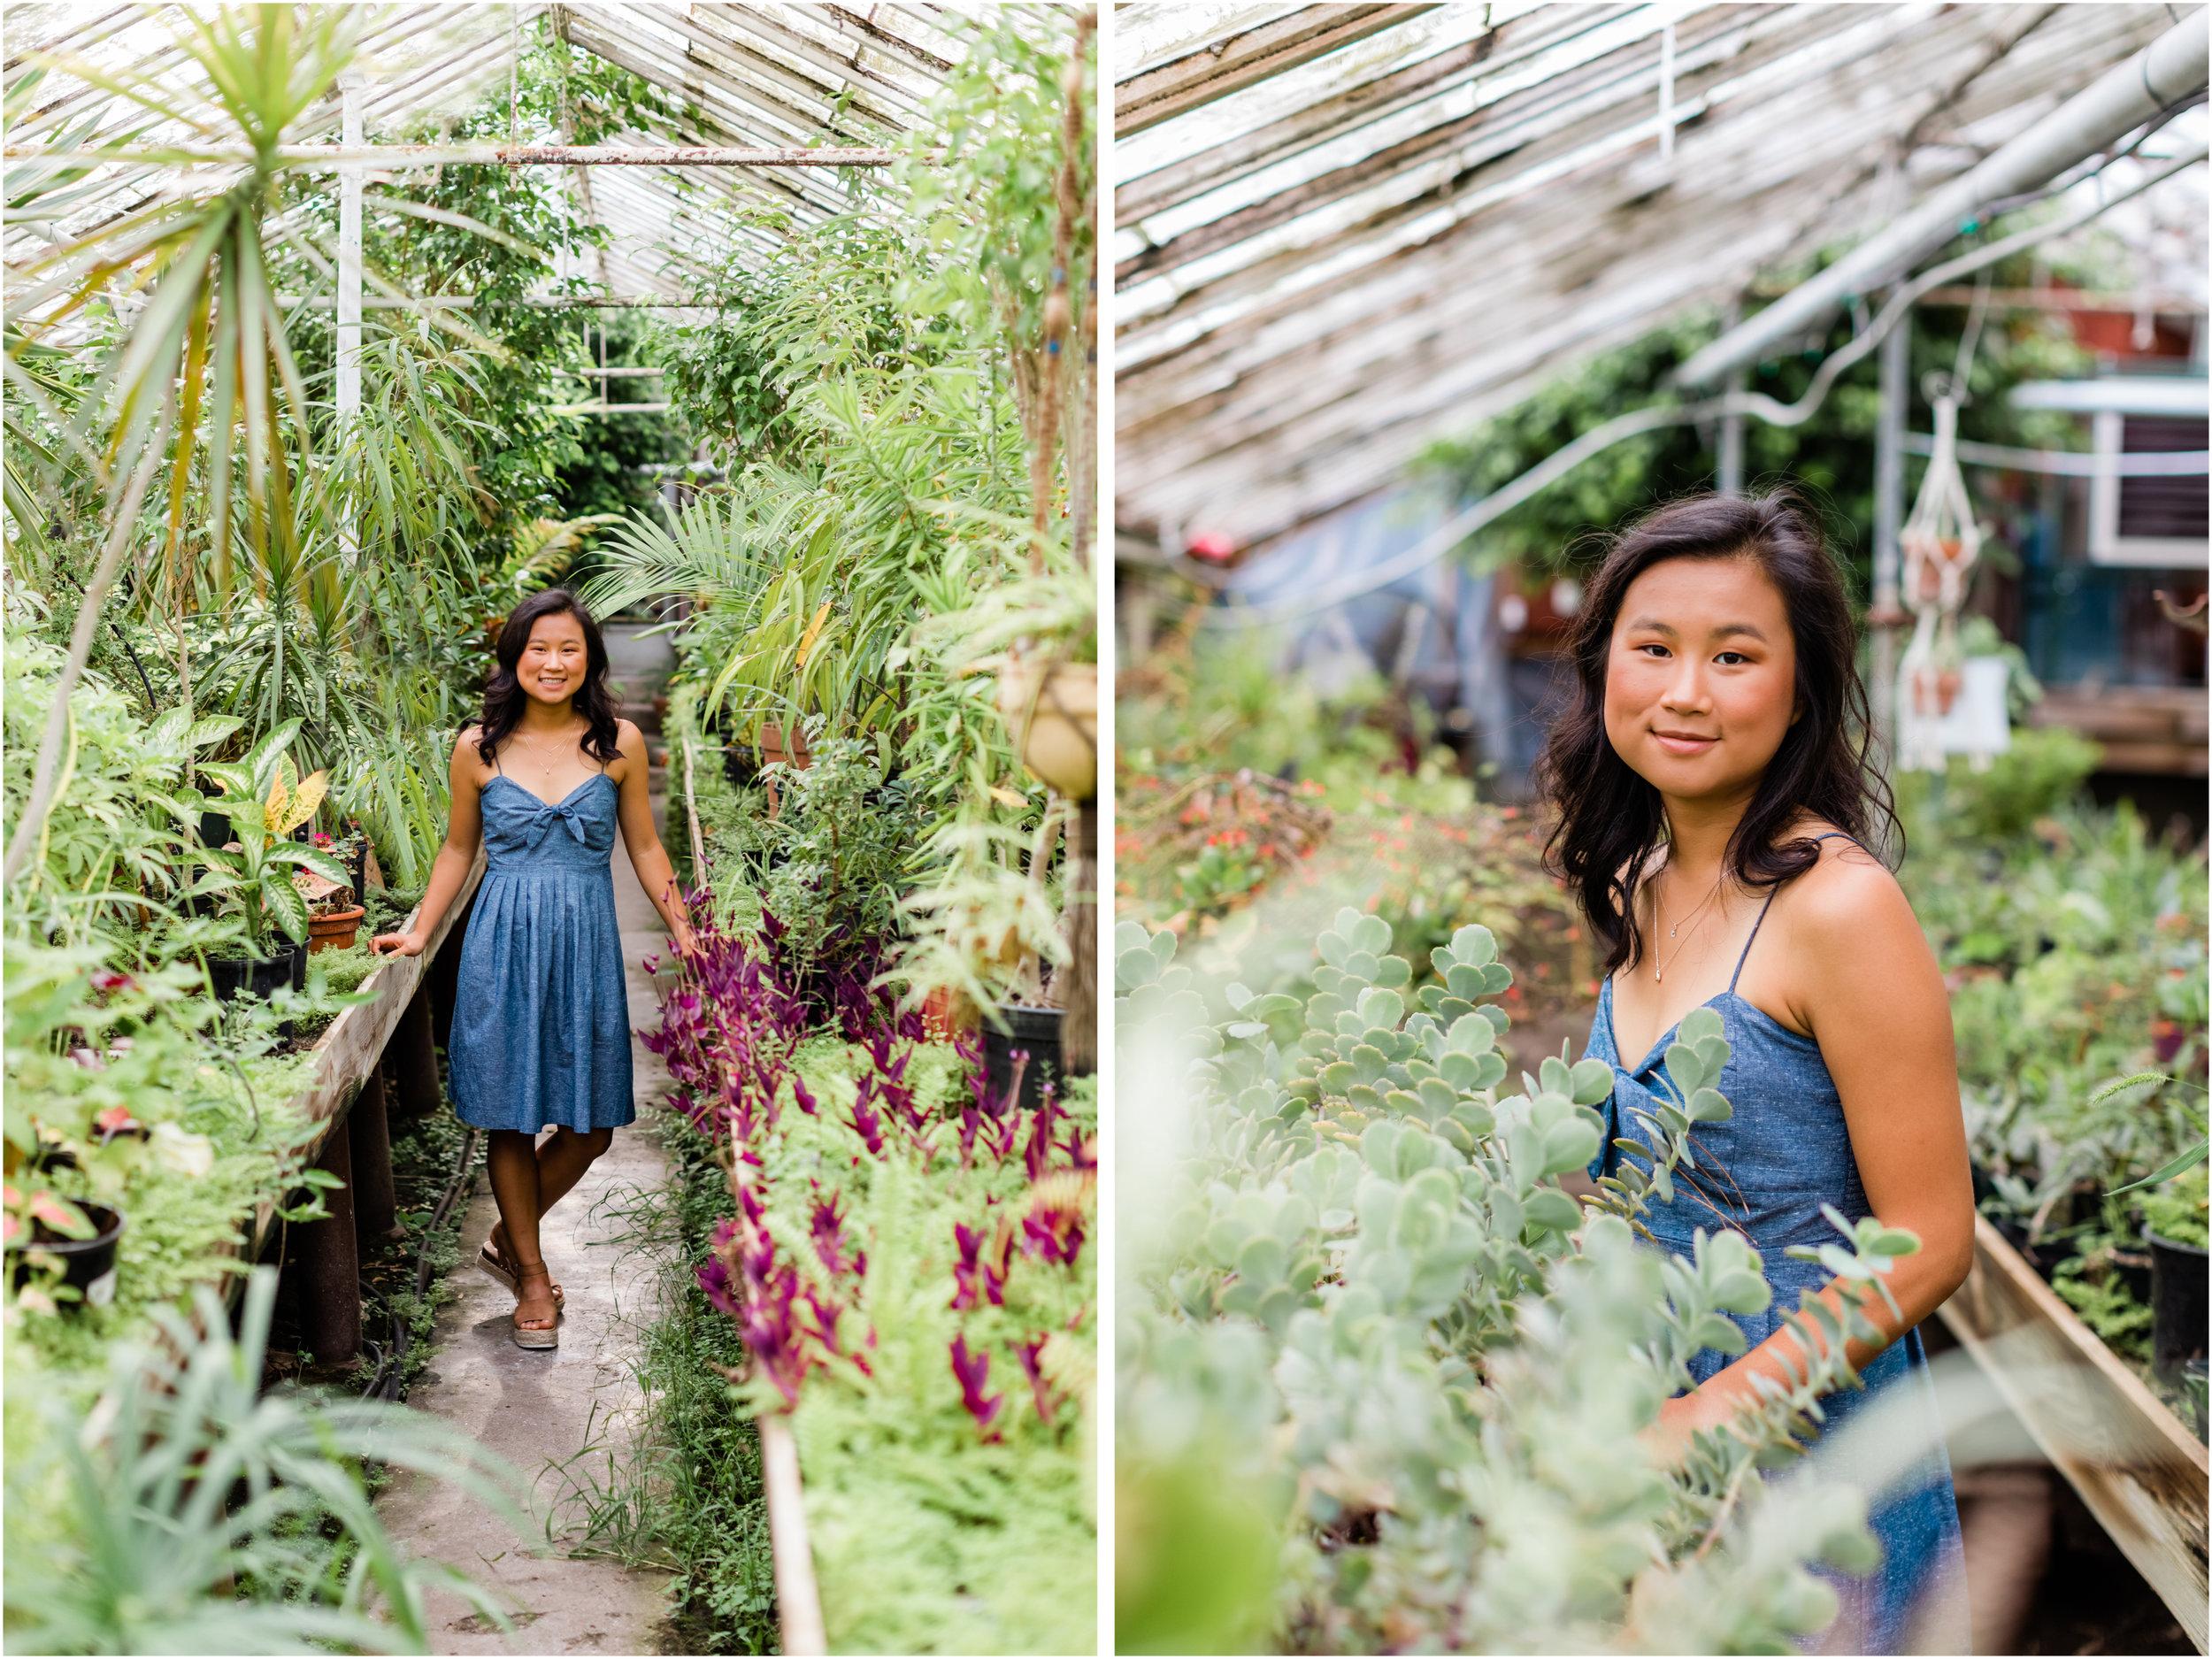 kansas city greenhouse senior photos 1.jpg